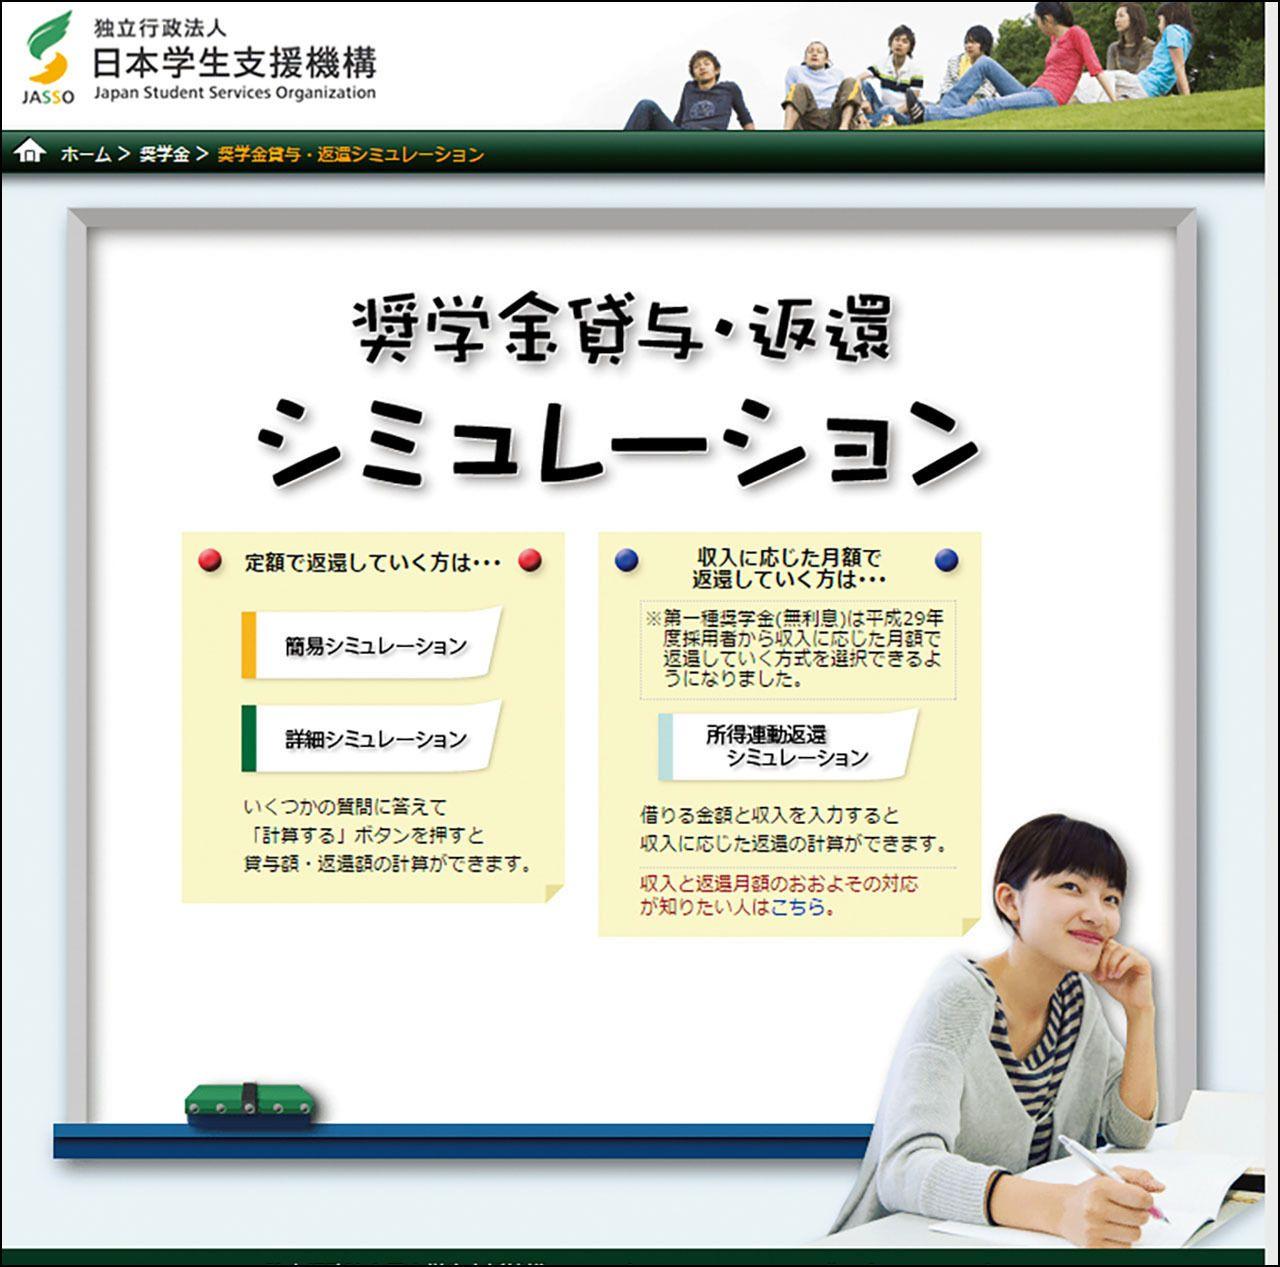 学生 シュミレーション 機構 日本 支援